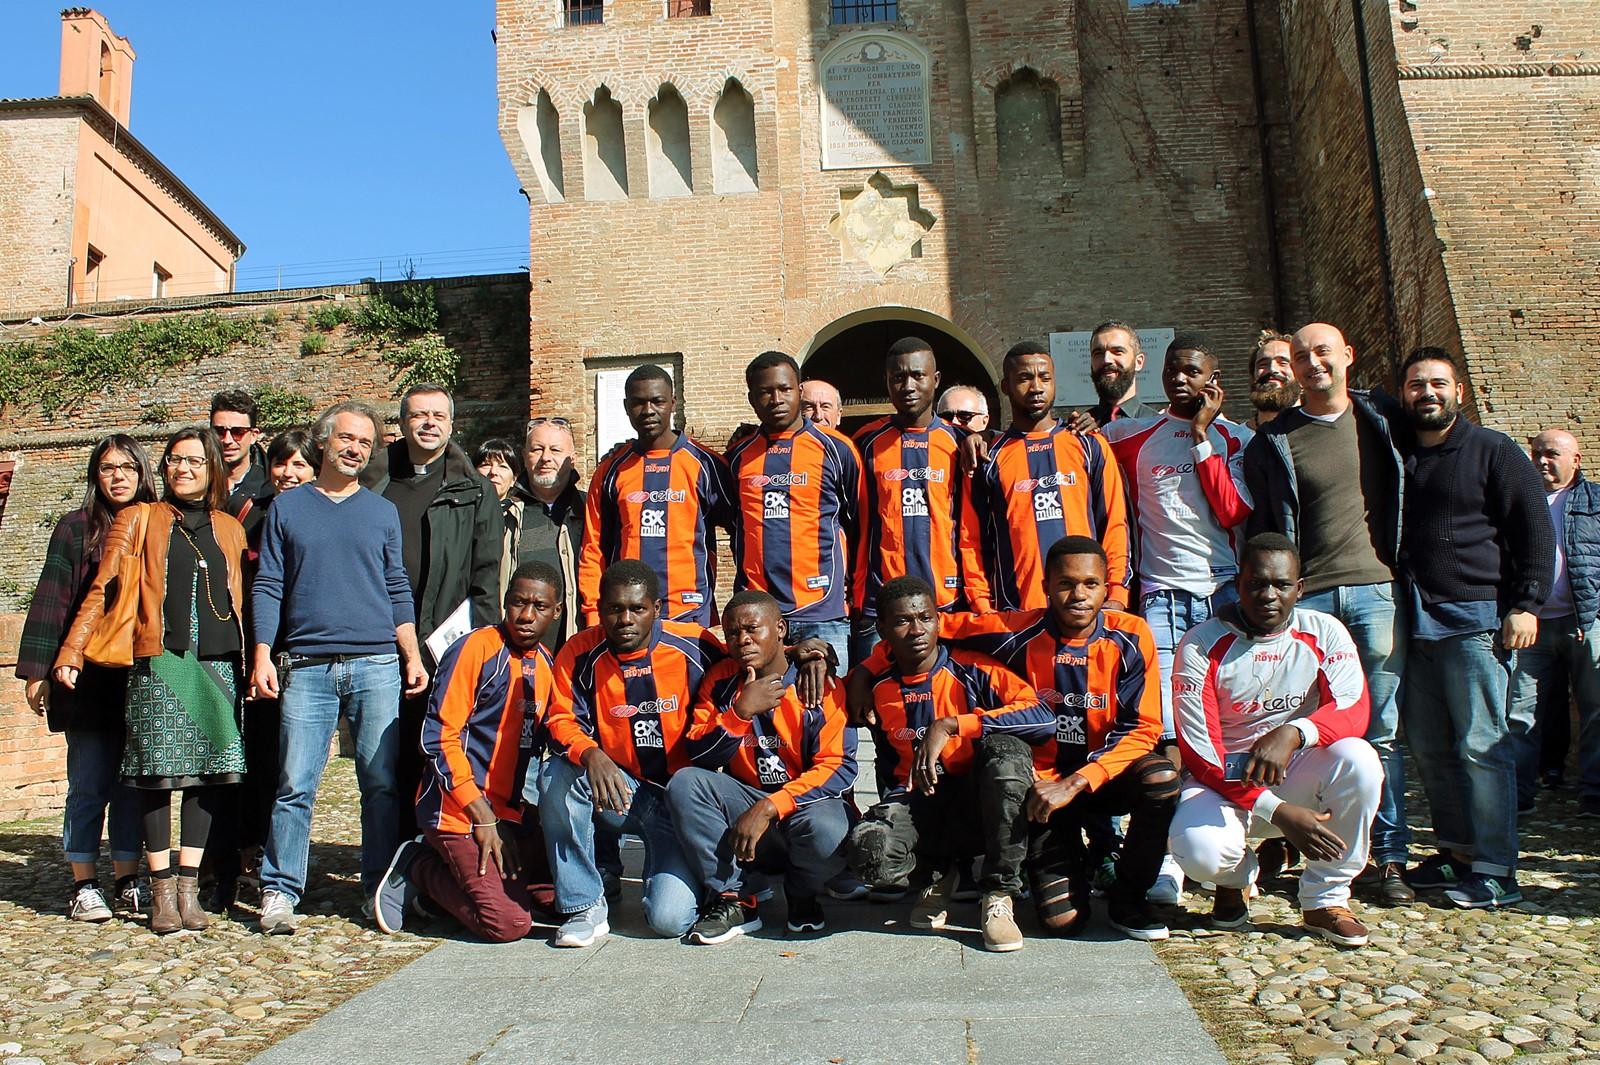 Ragazzi richiedenti asilo, a Lugo la nuova squadra di calcio